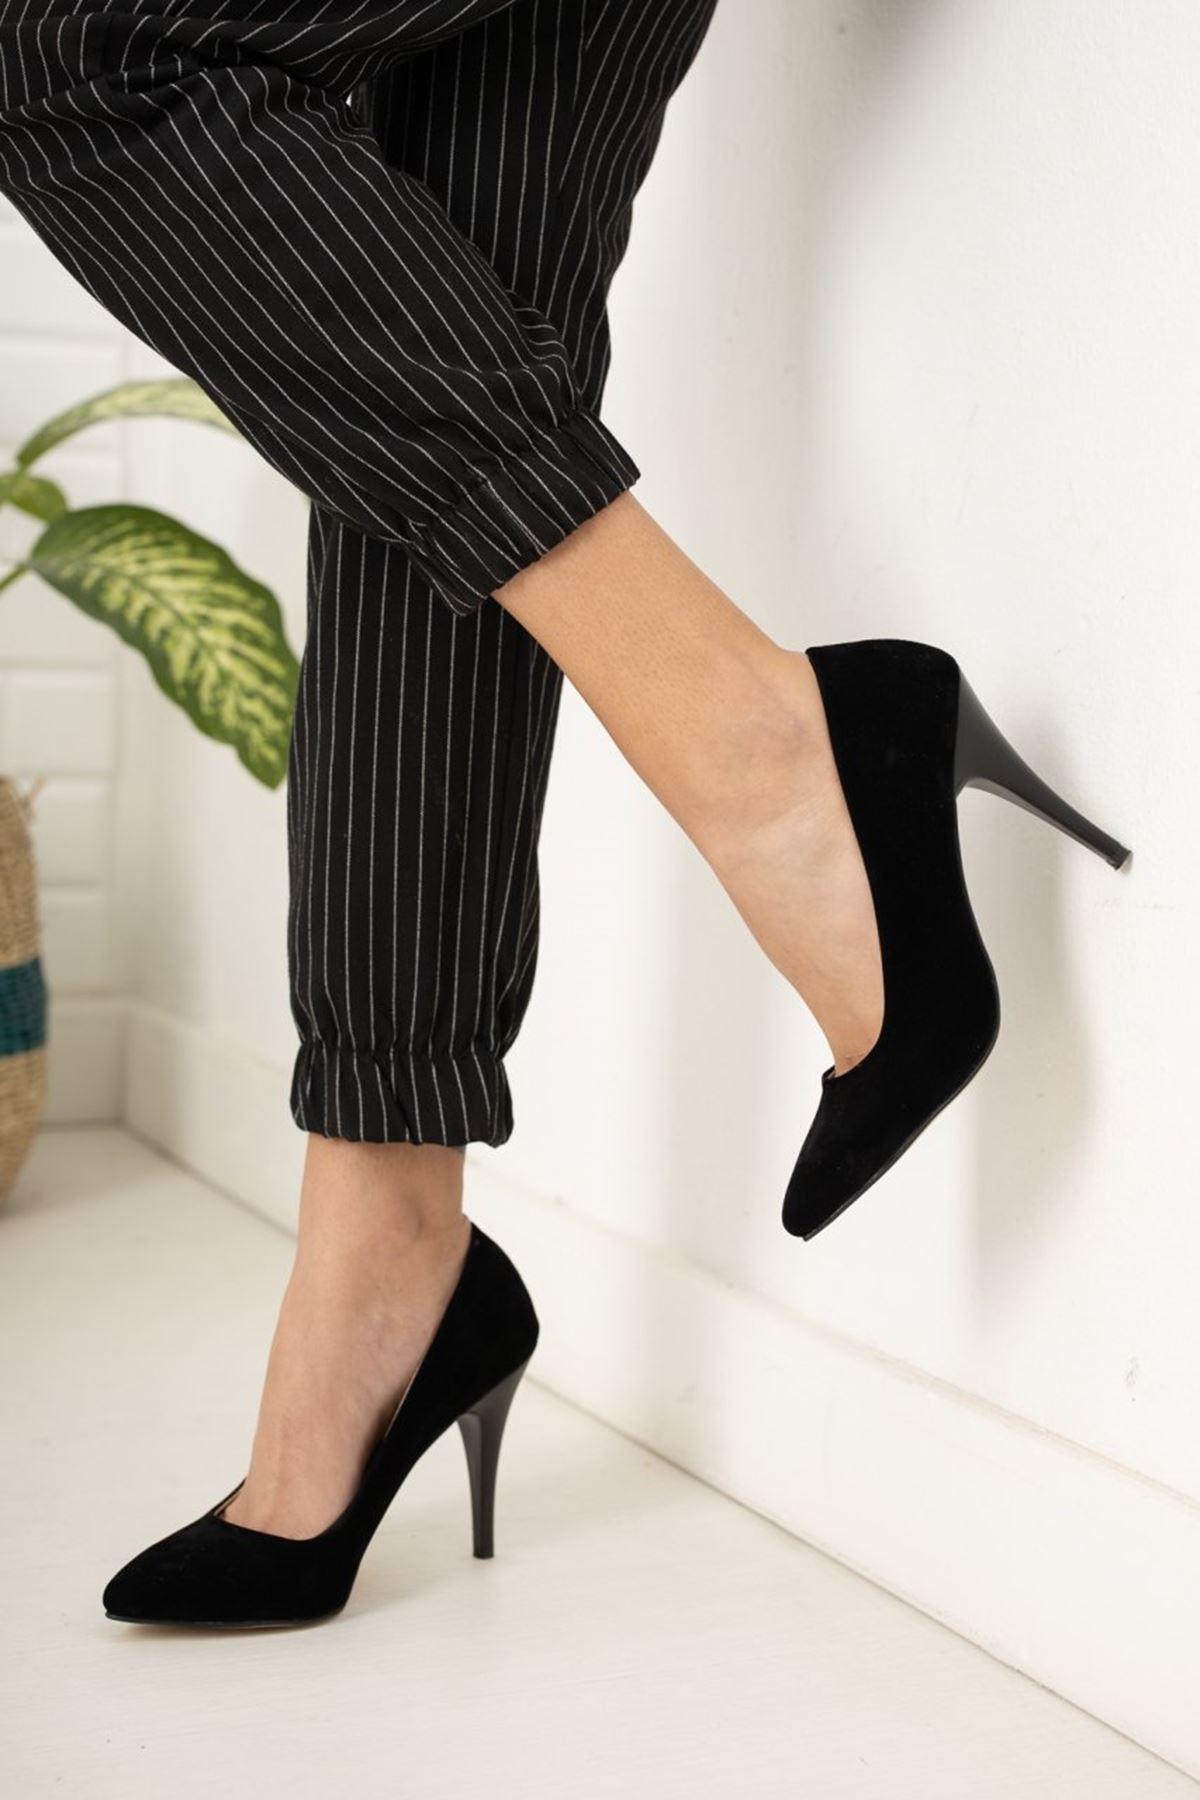 Kadın Ages Yüksek Topuklu Siyah Süet Stiletto